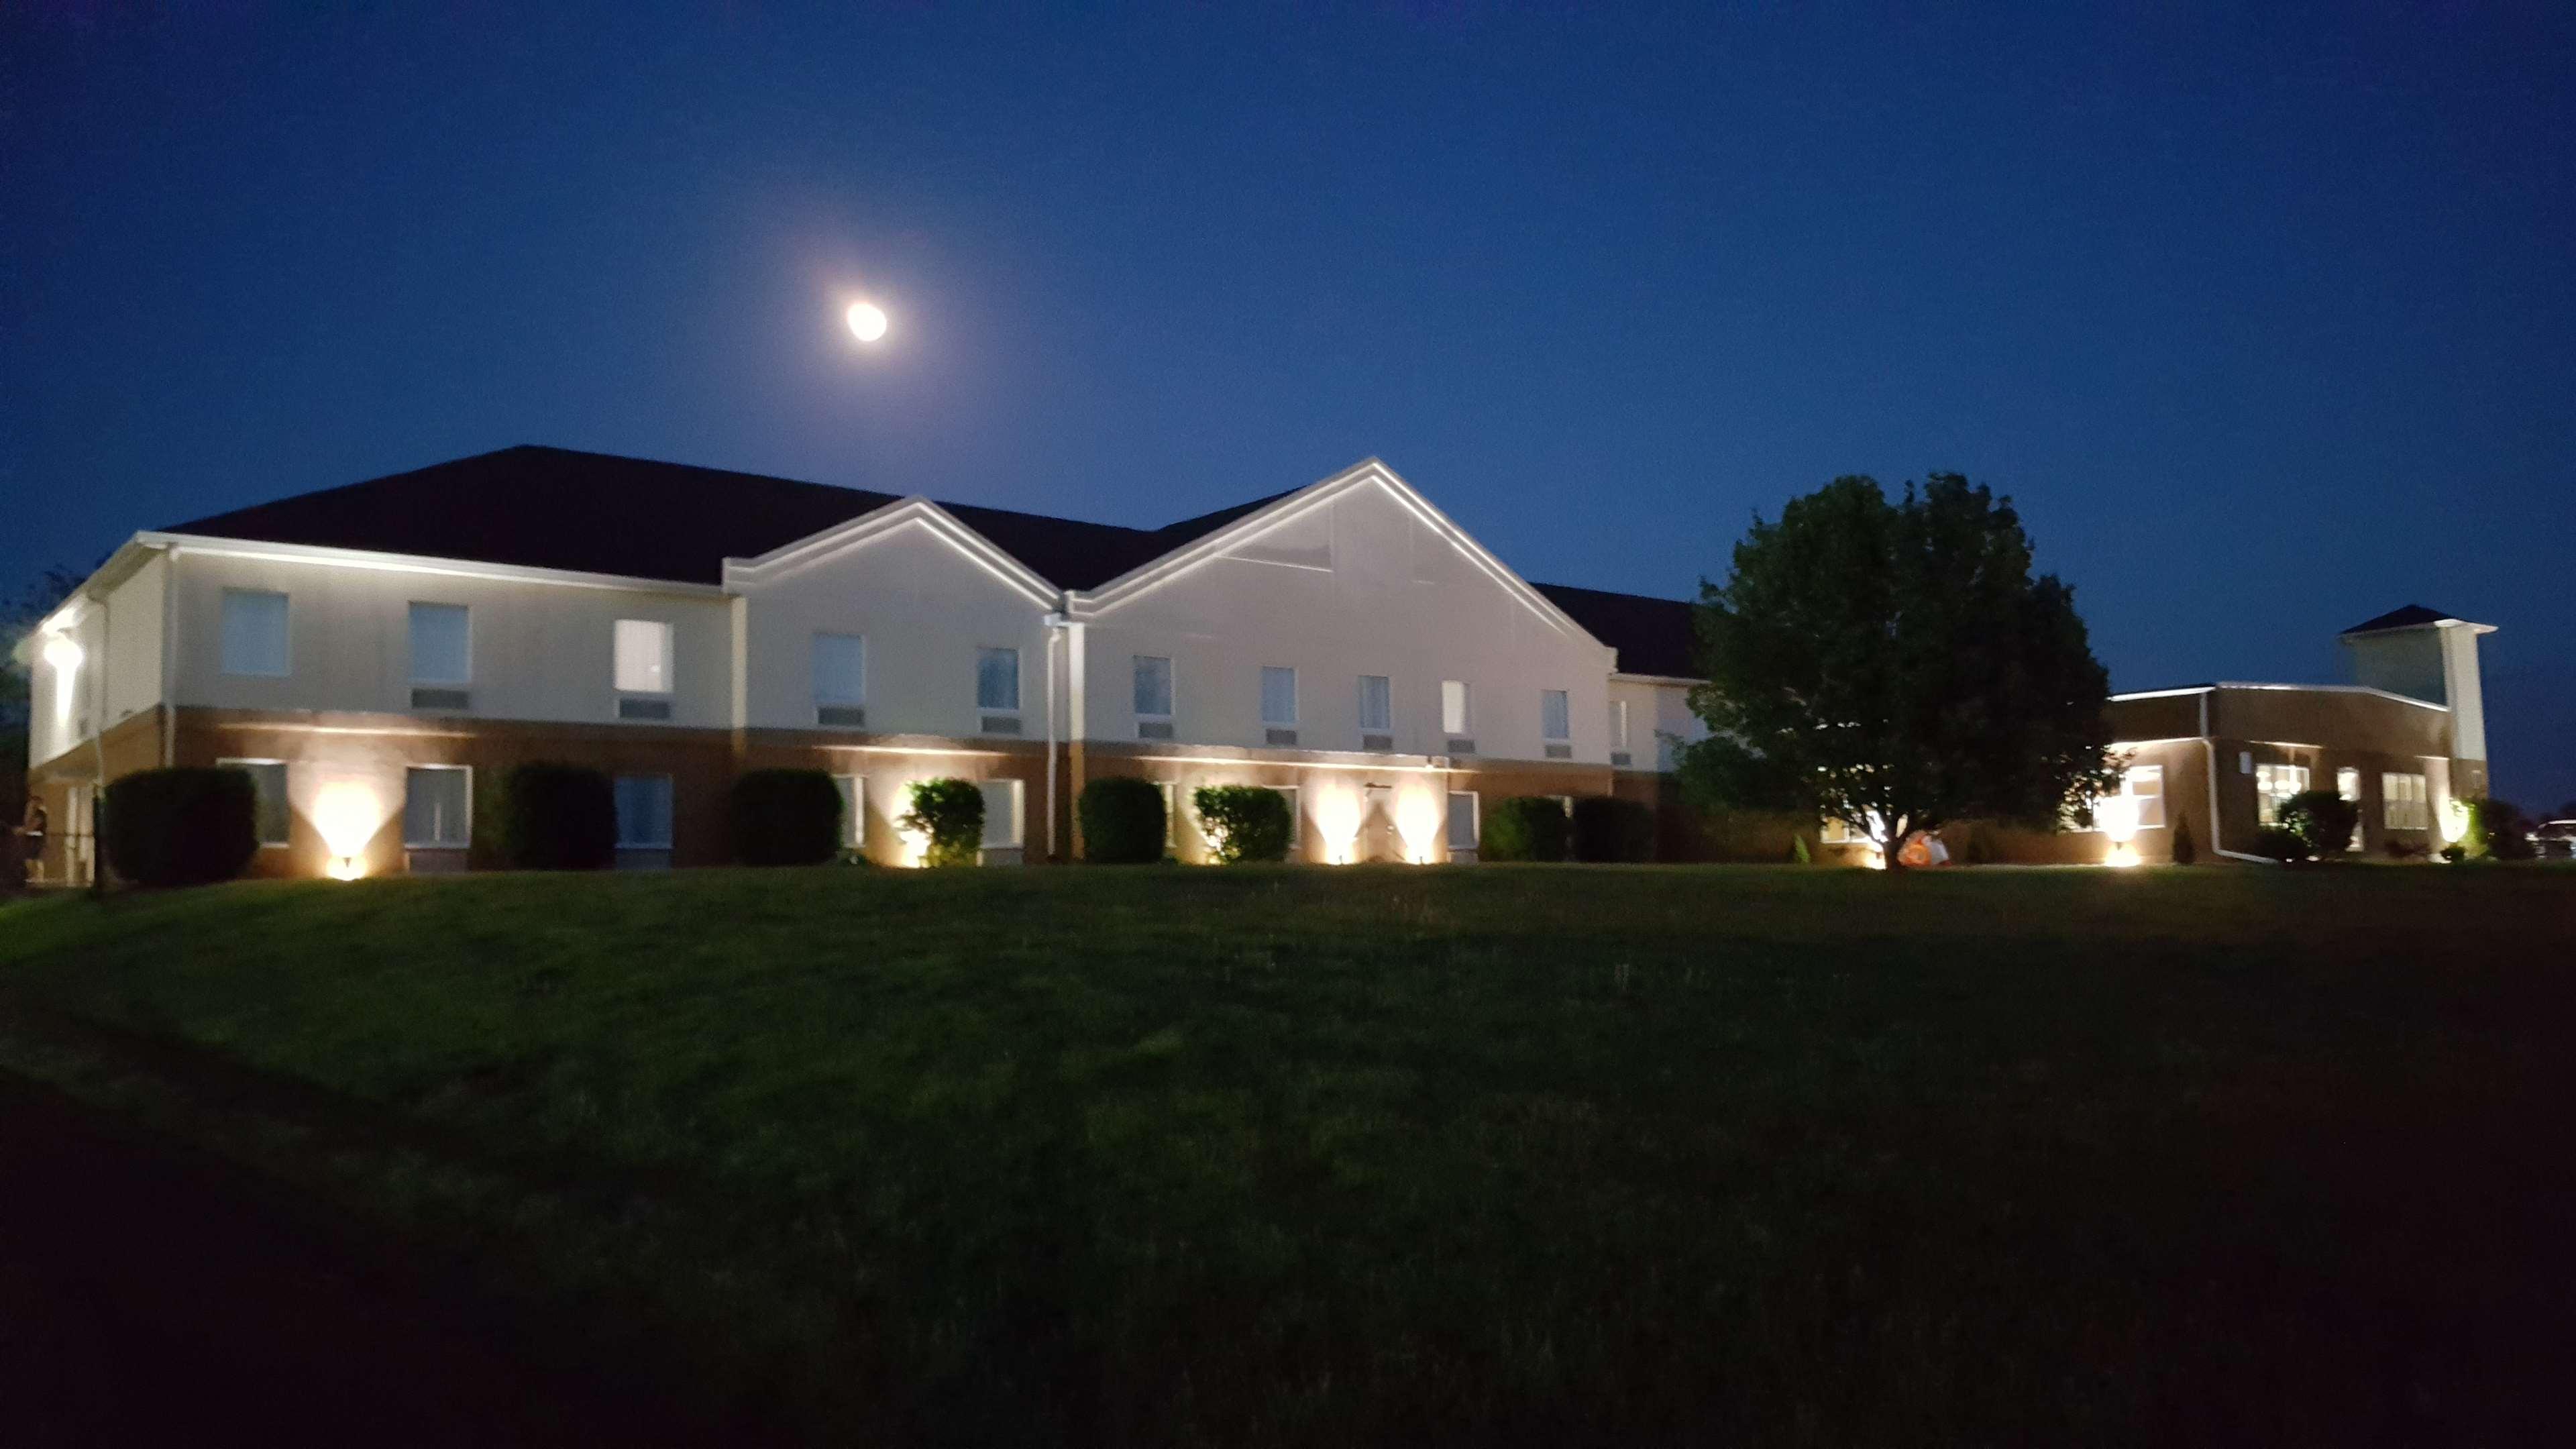 Best Western Teal Lake Inn image 23